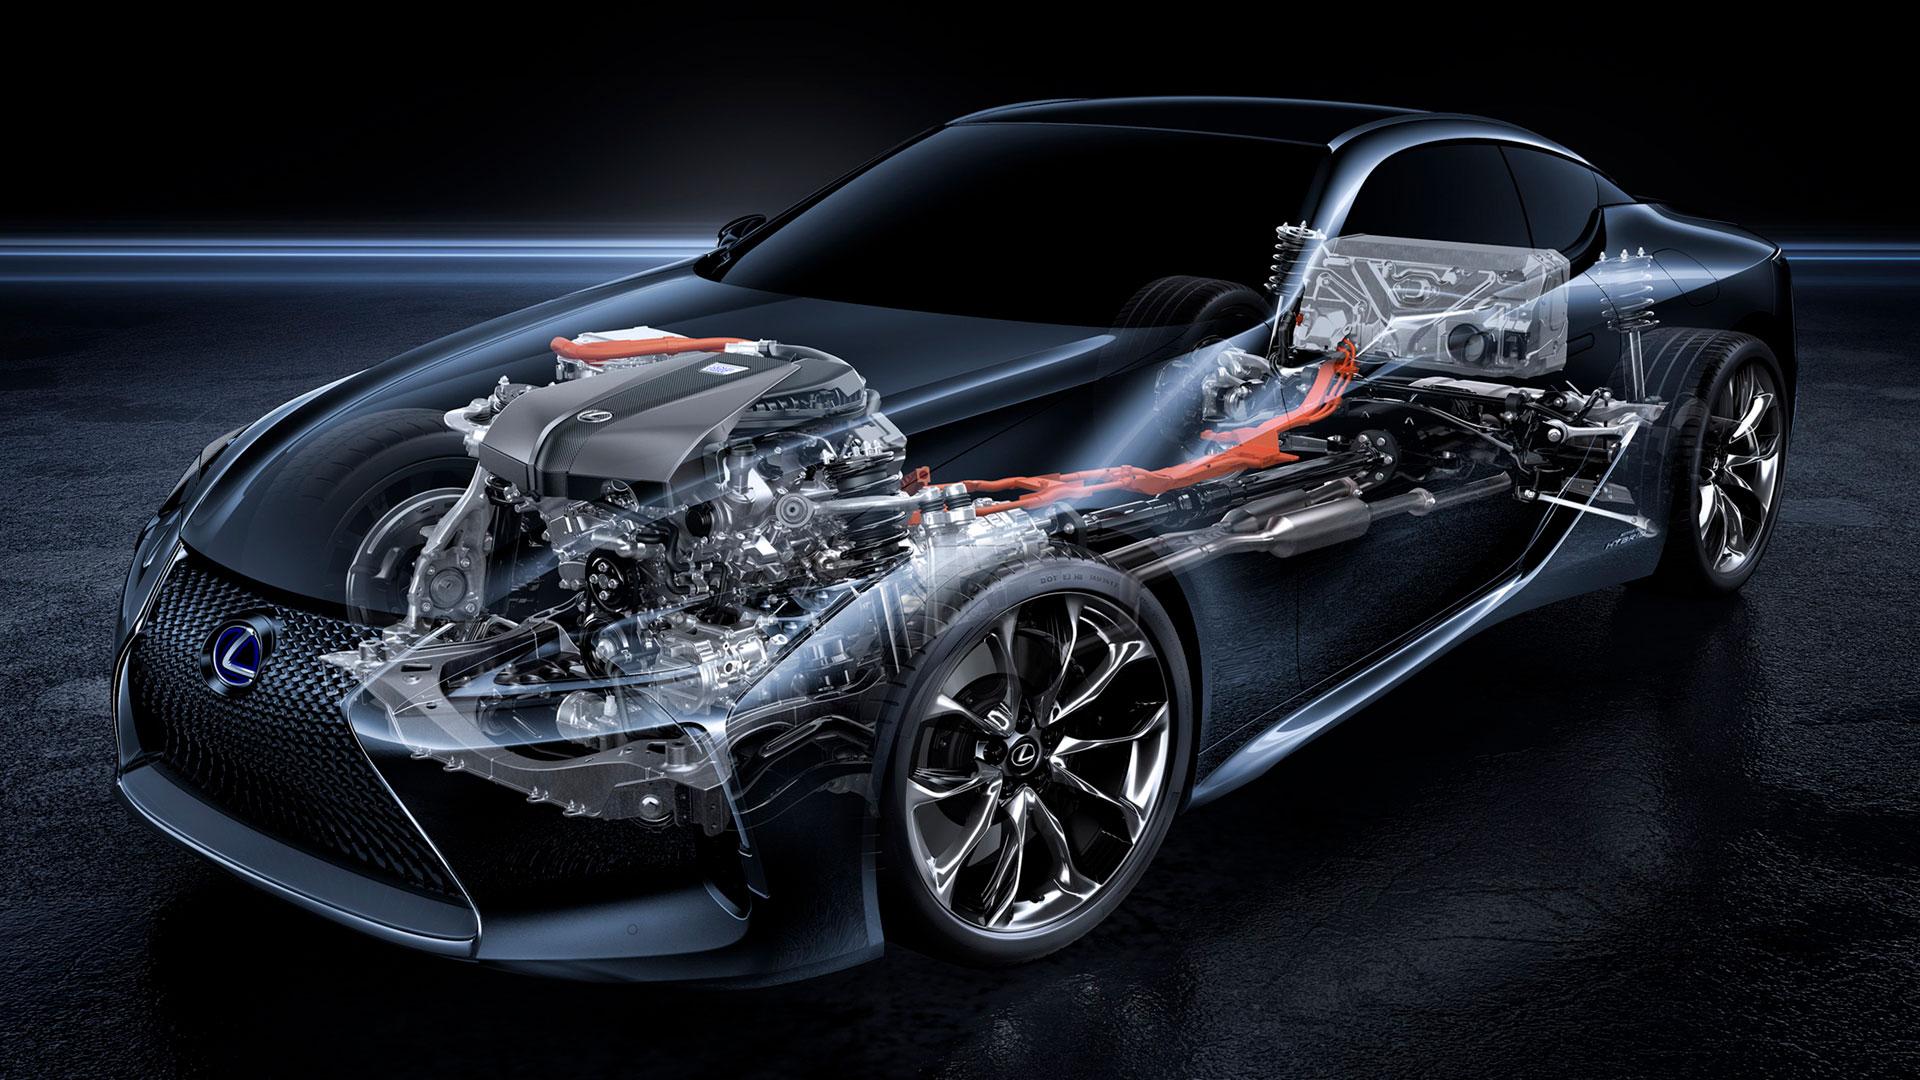 Lexus continúa con su revolución híbrida en 2020 hero asset